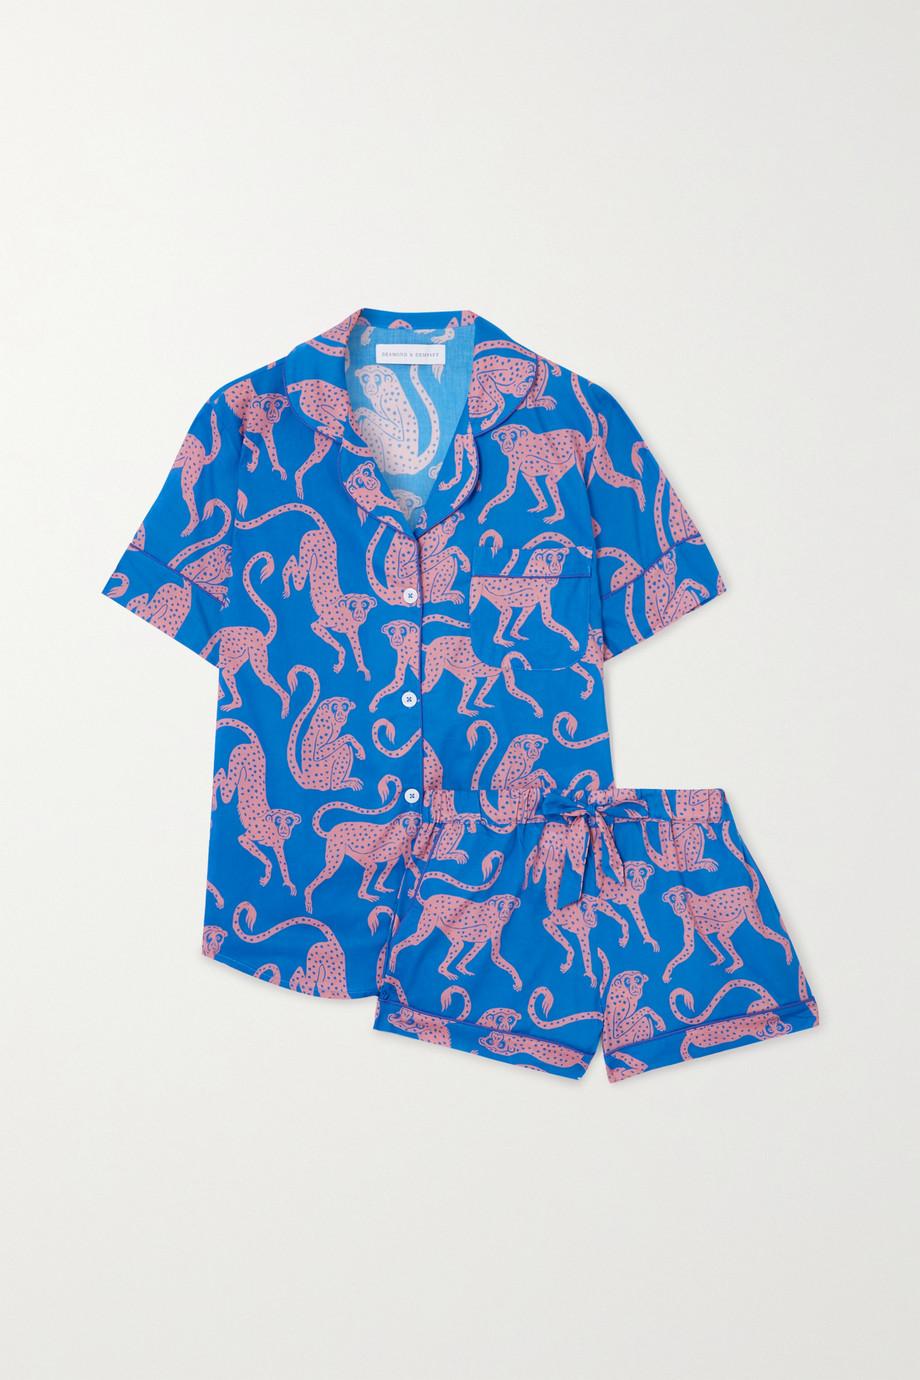 Desmond & Dempsey Chango Pyjama aus Biobaumwolle mit Print